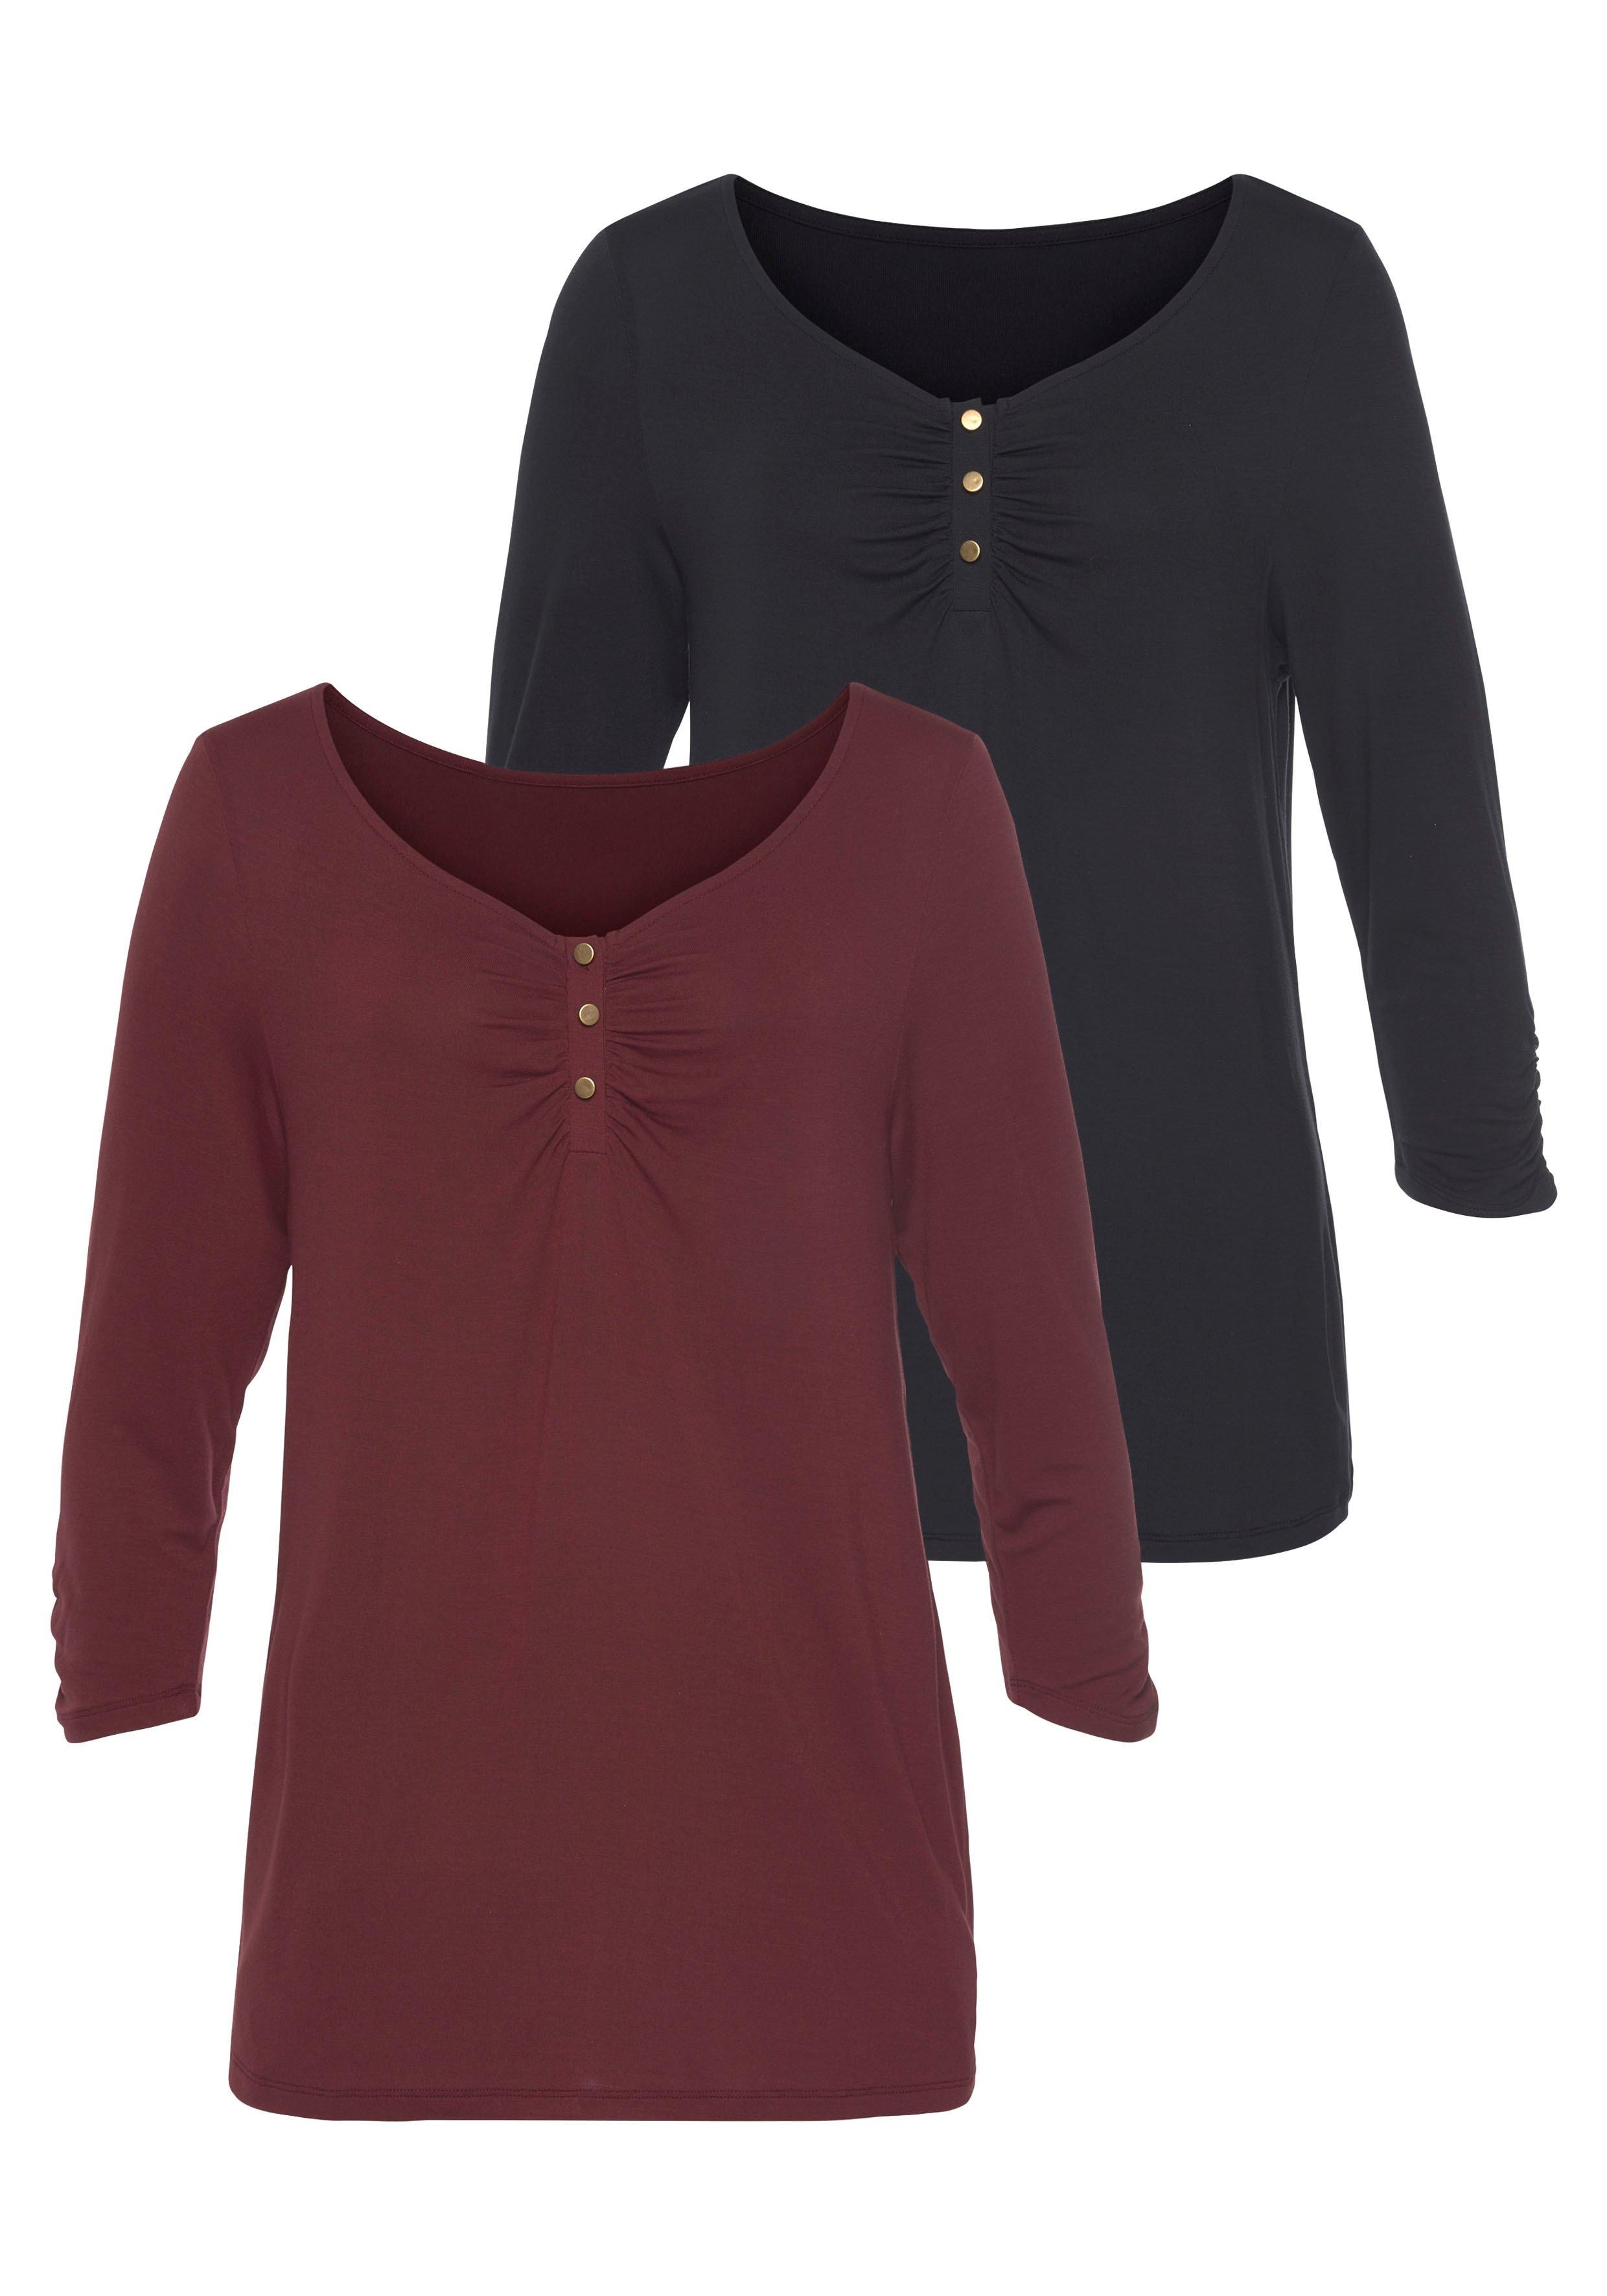 Vivance shirt met 3/4-mouwen met fijne plooi (Set van 2) online kopen op lascana.nl